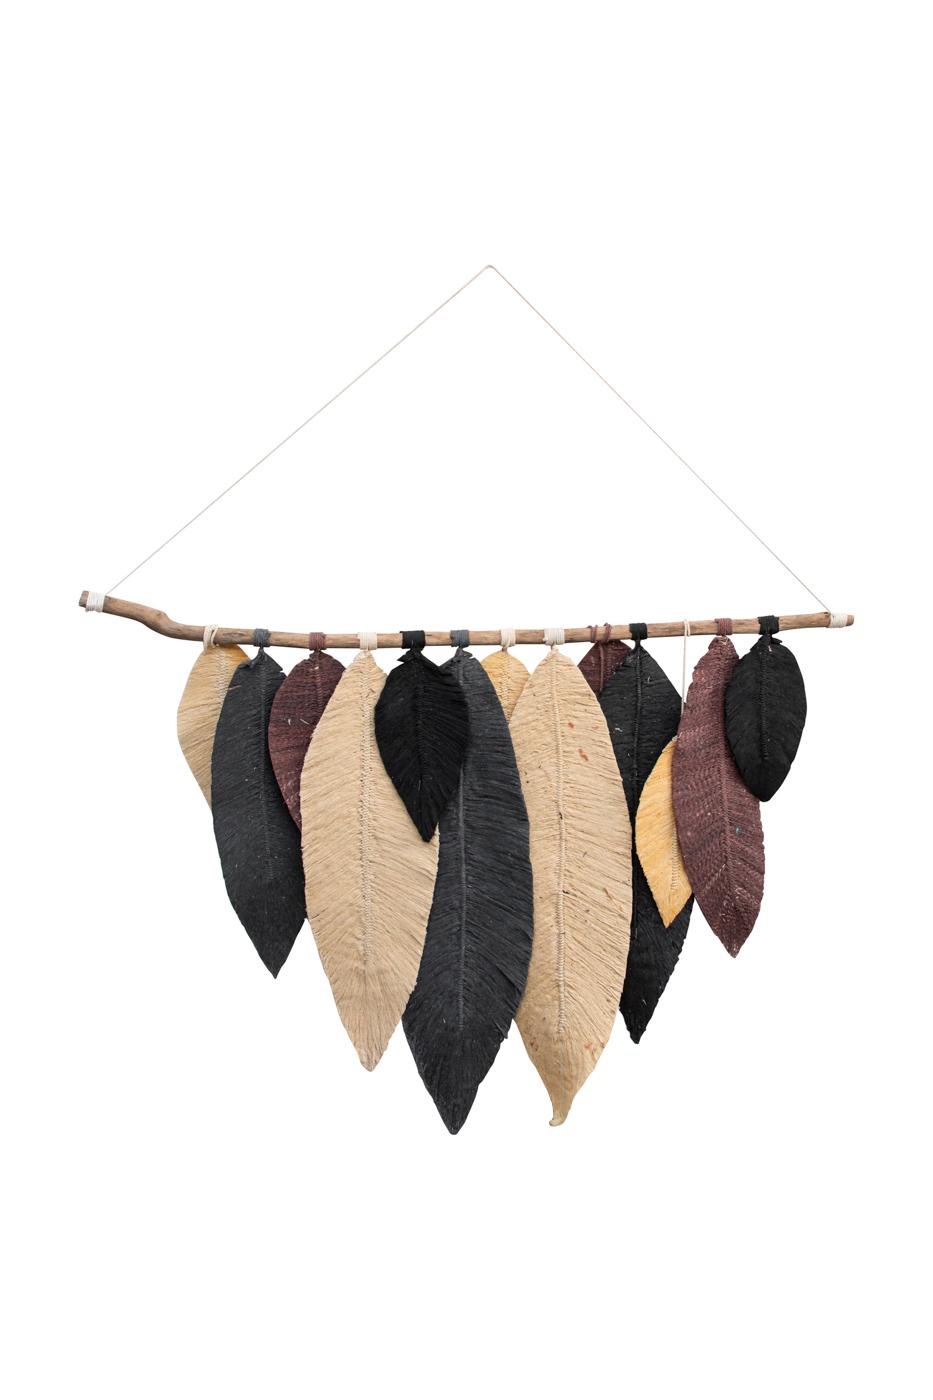 Hojas decorativas colgantes de algodón